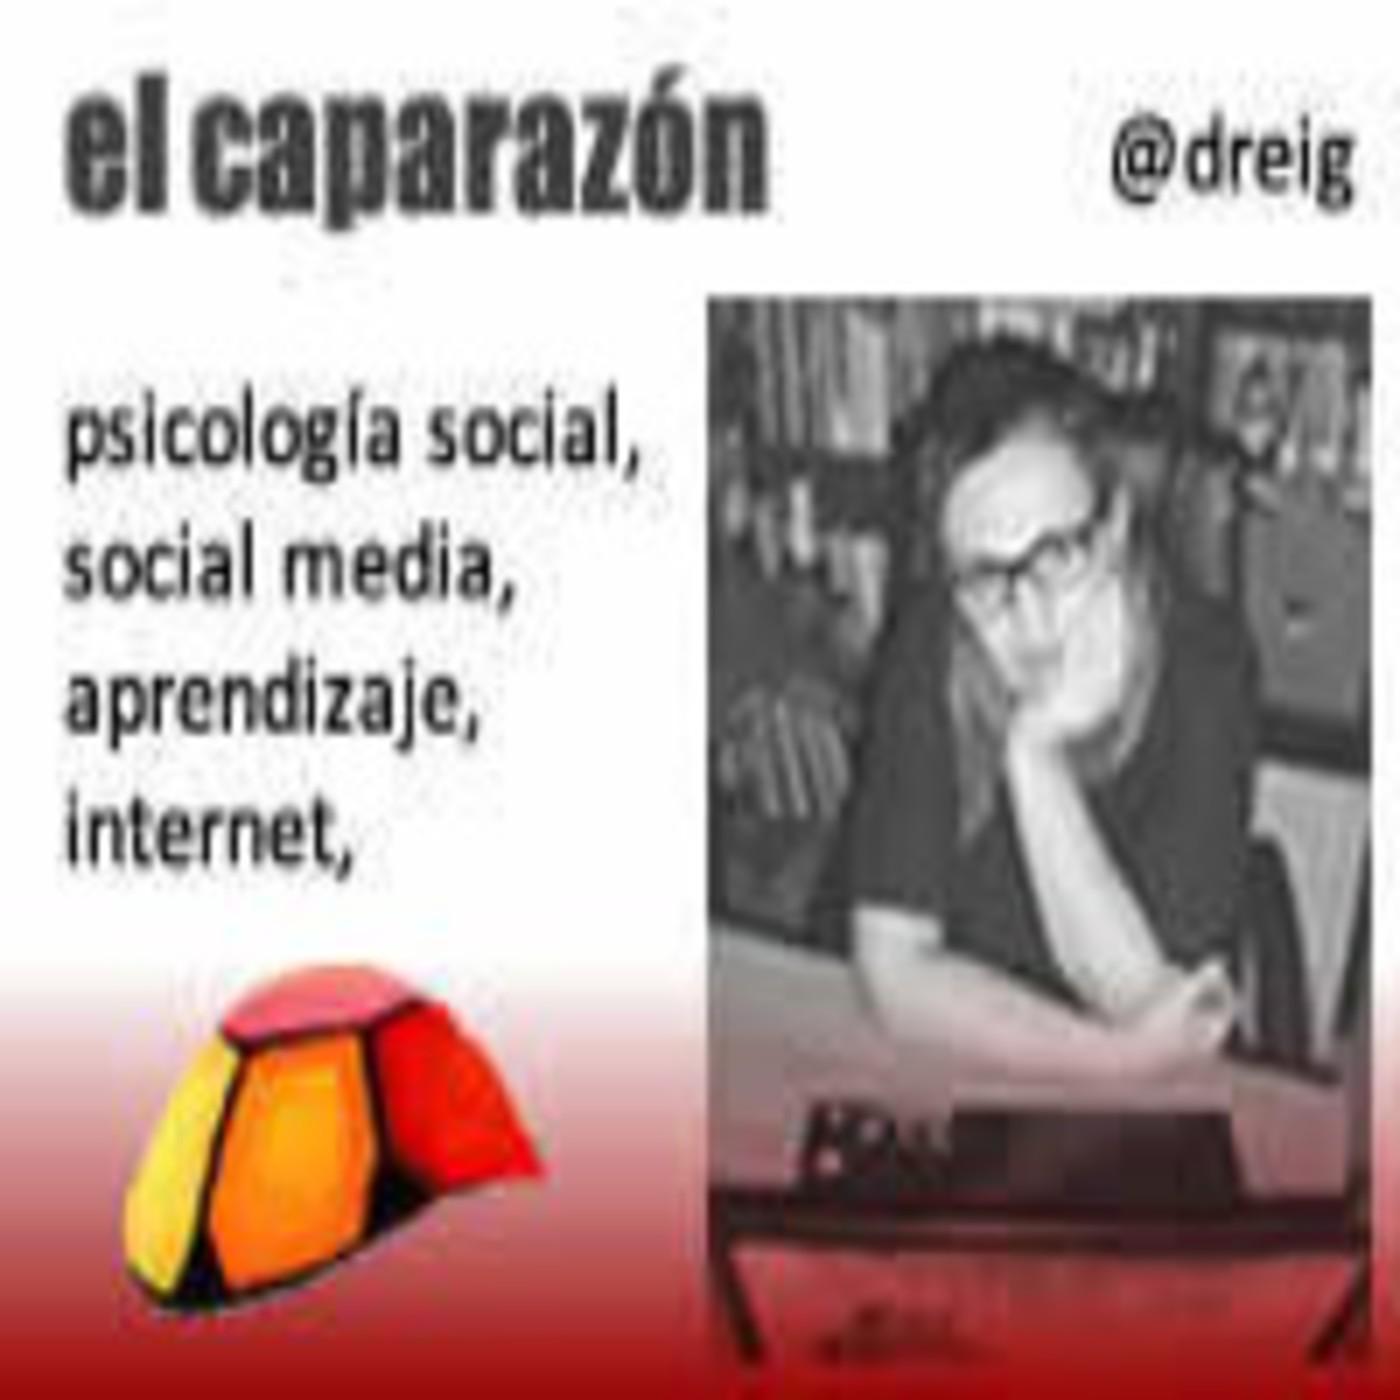 <![CDATA[Podcast El caparazon]]>